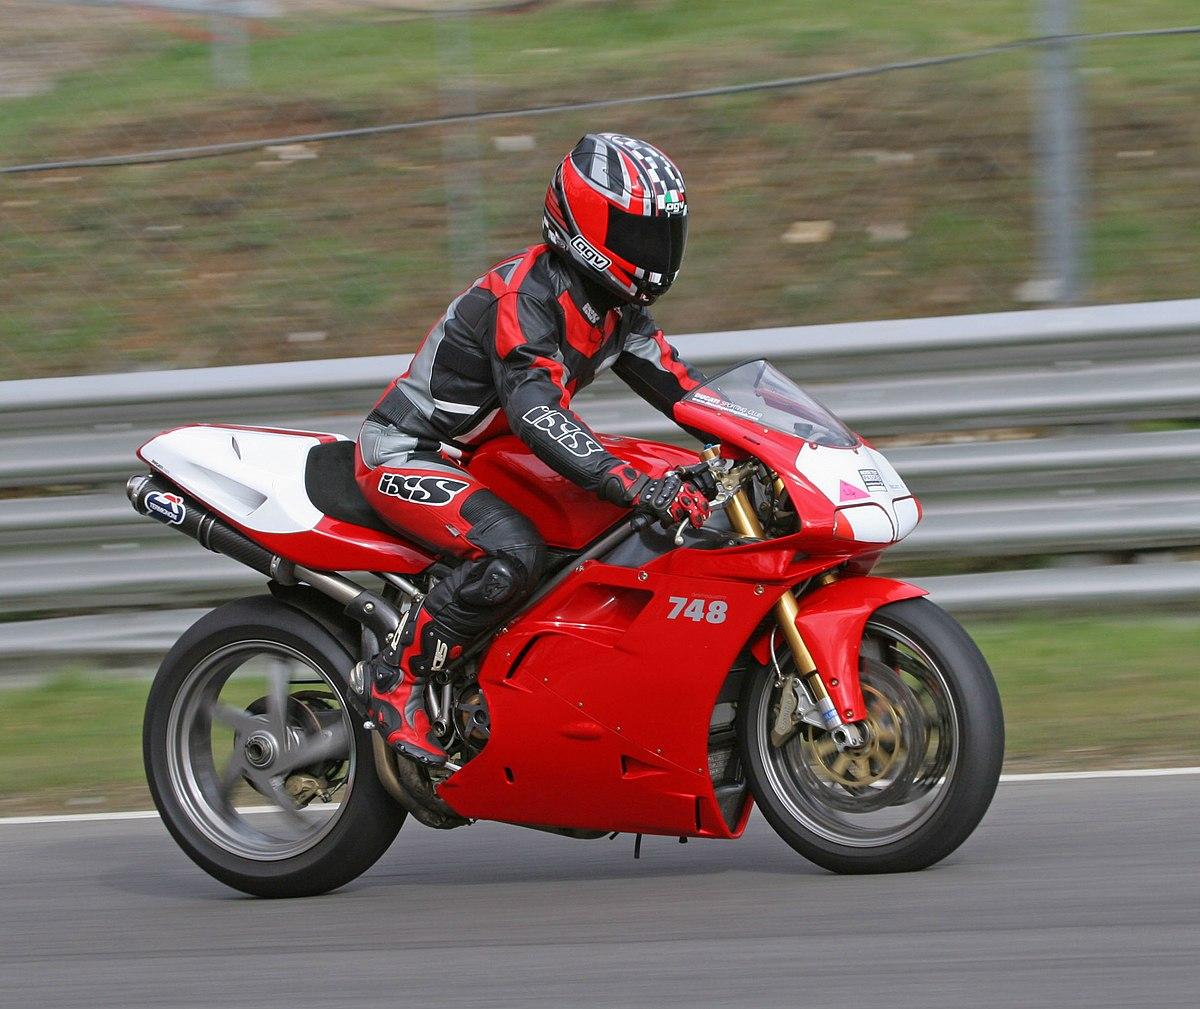 Ducati  Evo Corse Se Top Speed